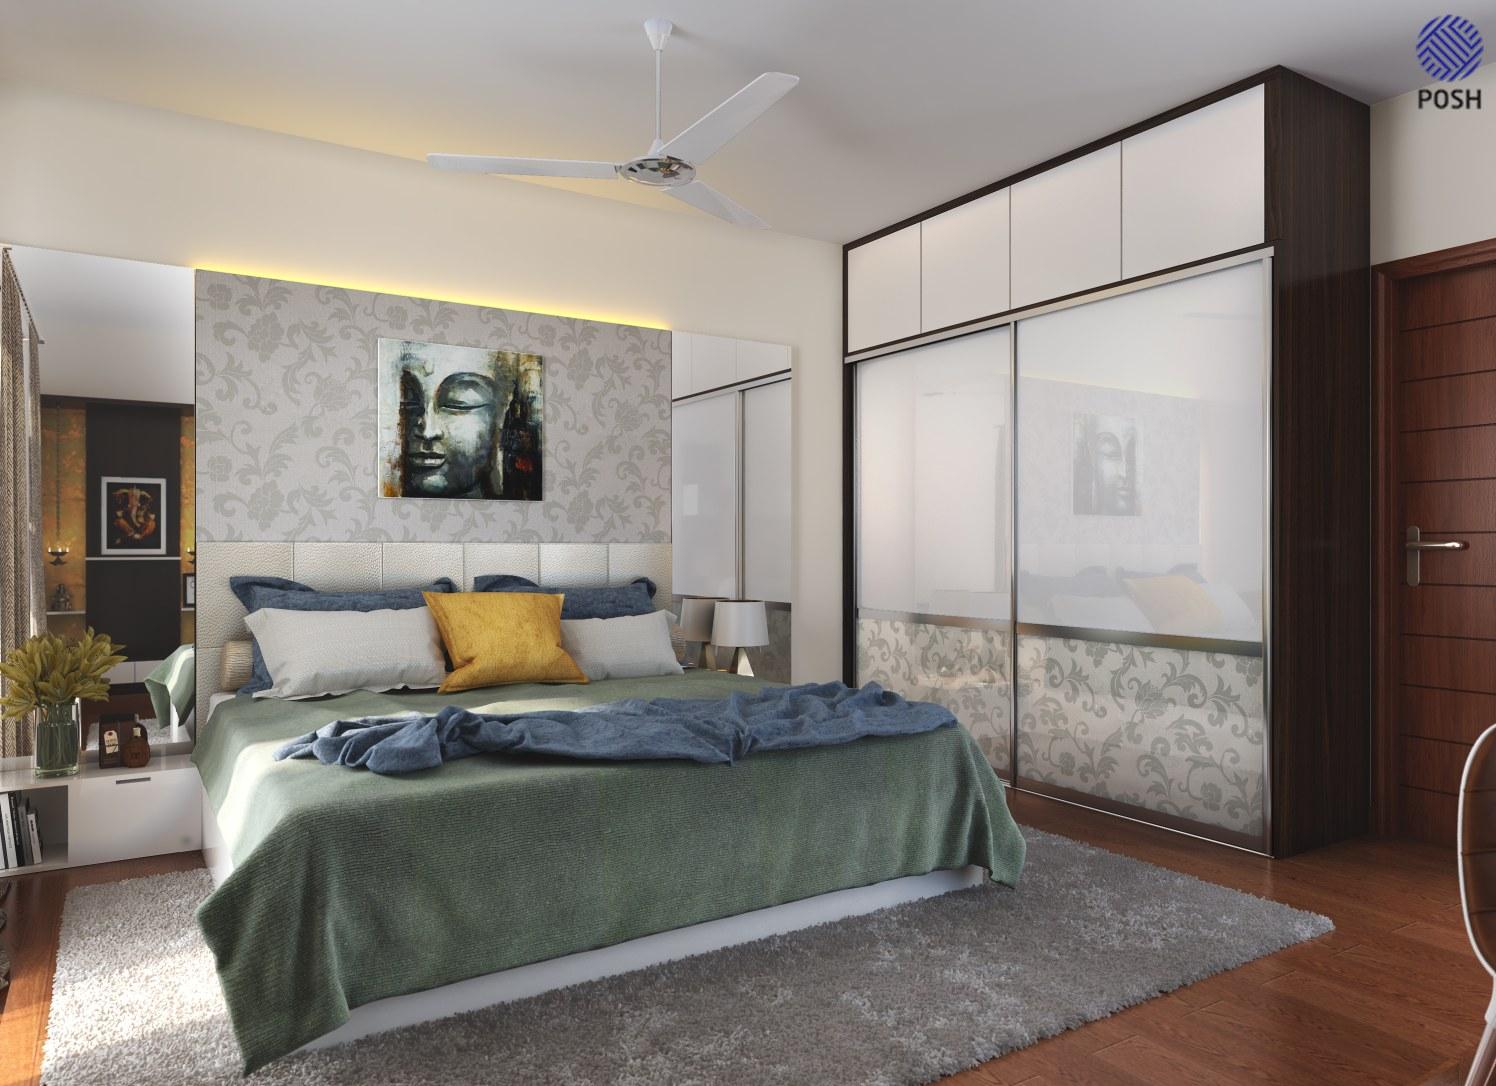 Contemporary bedroom with wardrobe by Priyanka Rai Bedroom Contemporary | Interior Design Photos & Ideas